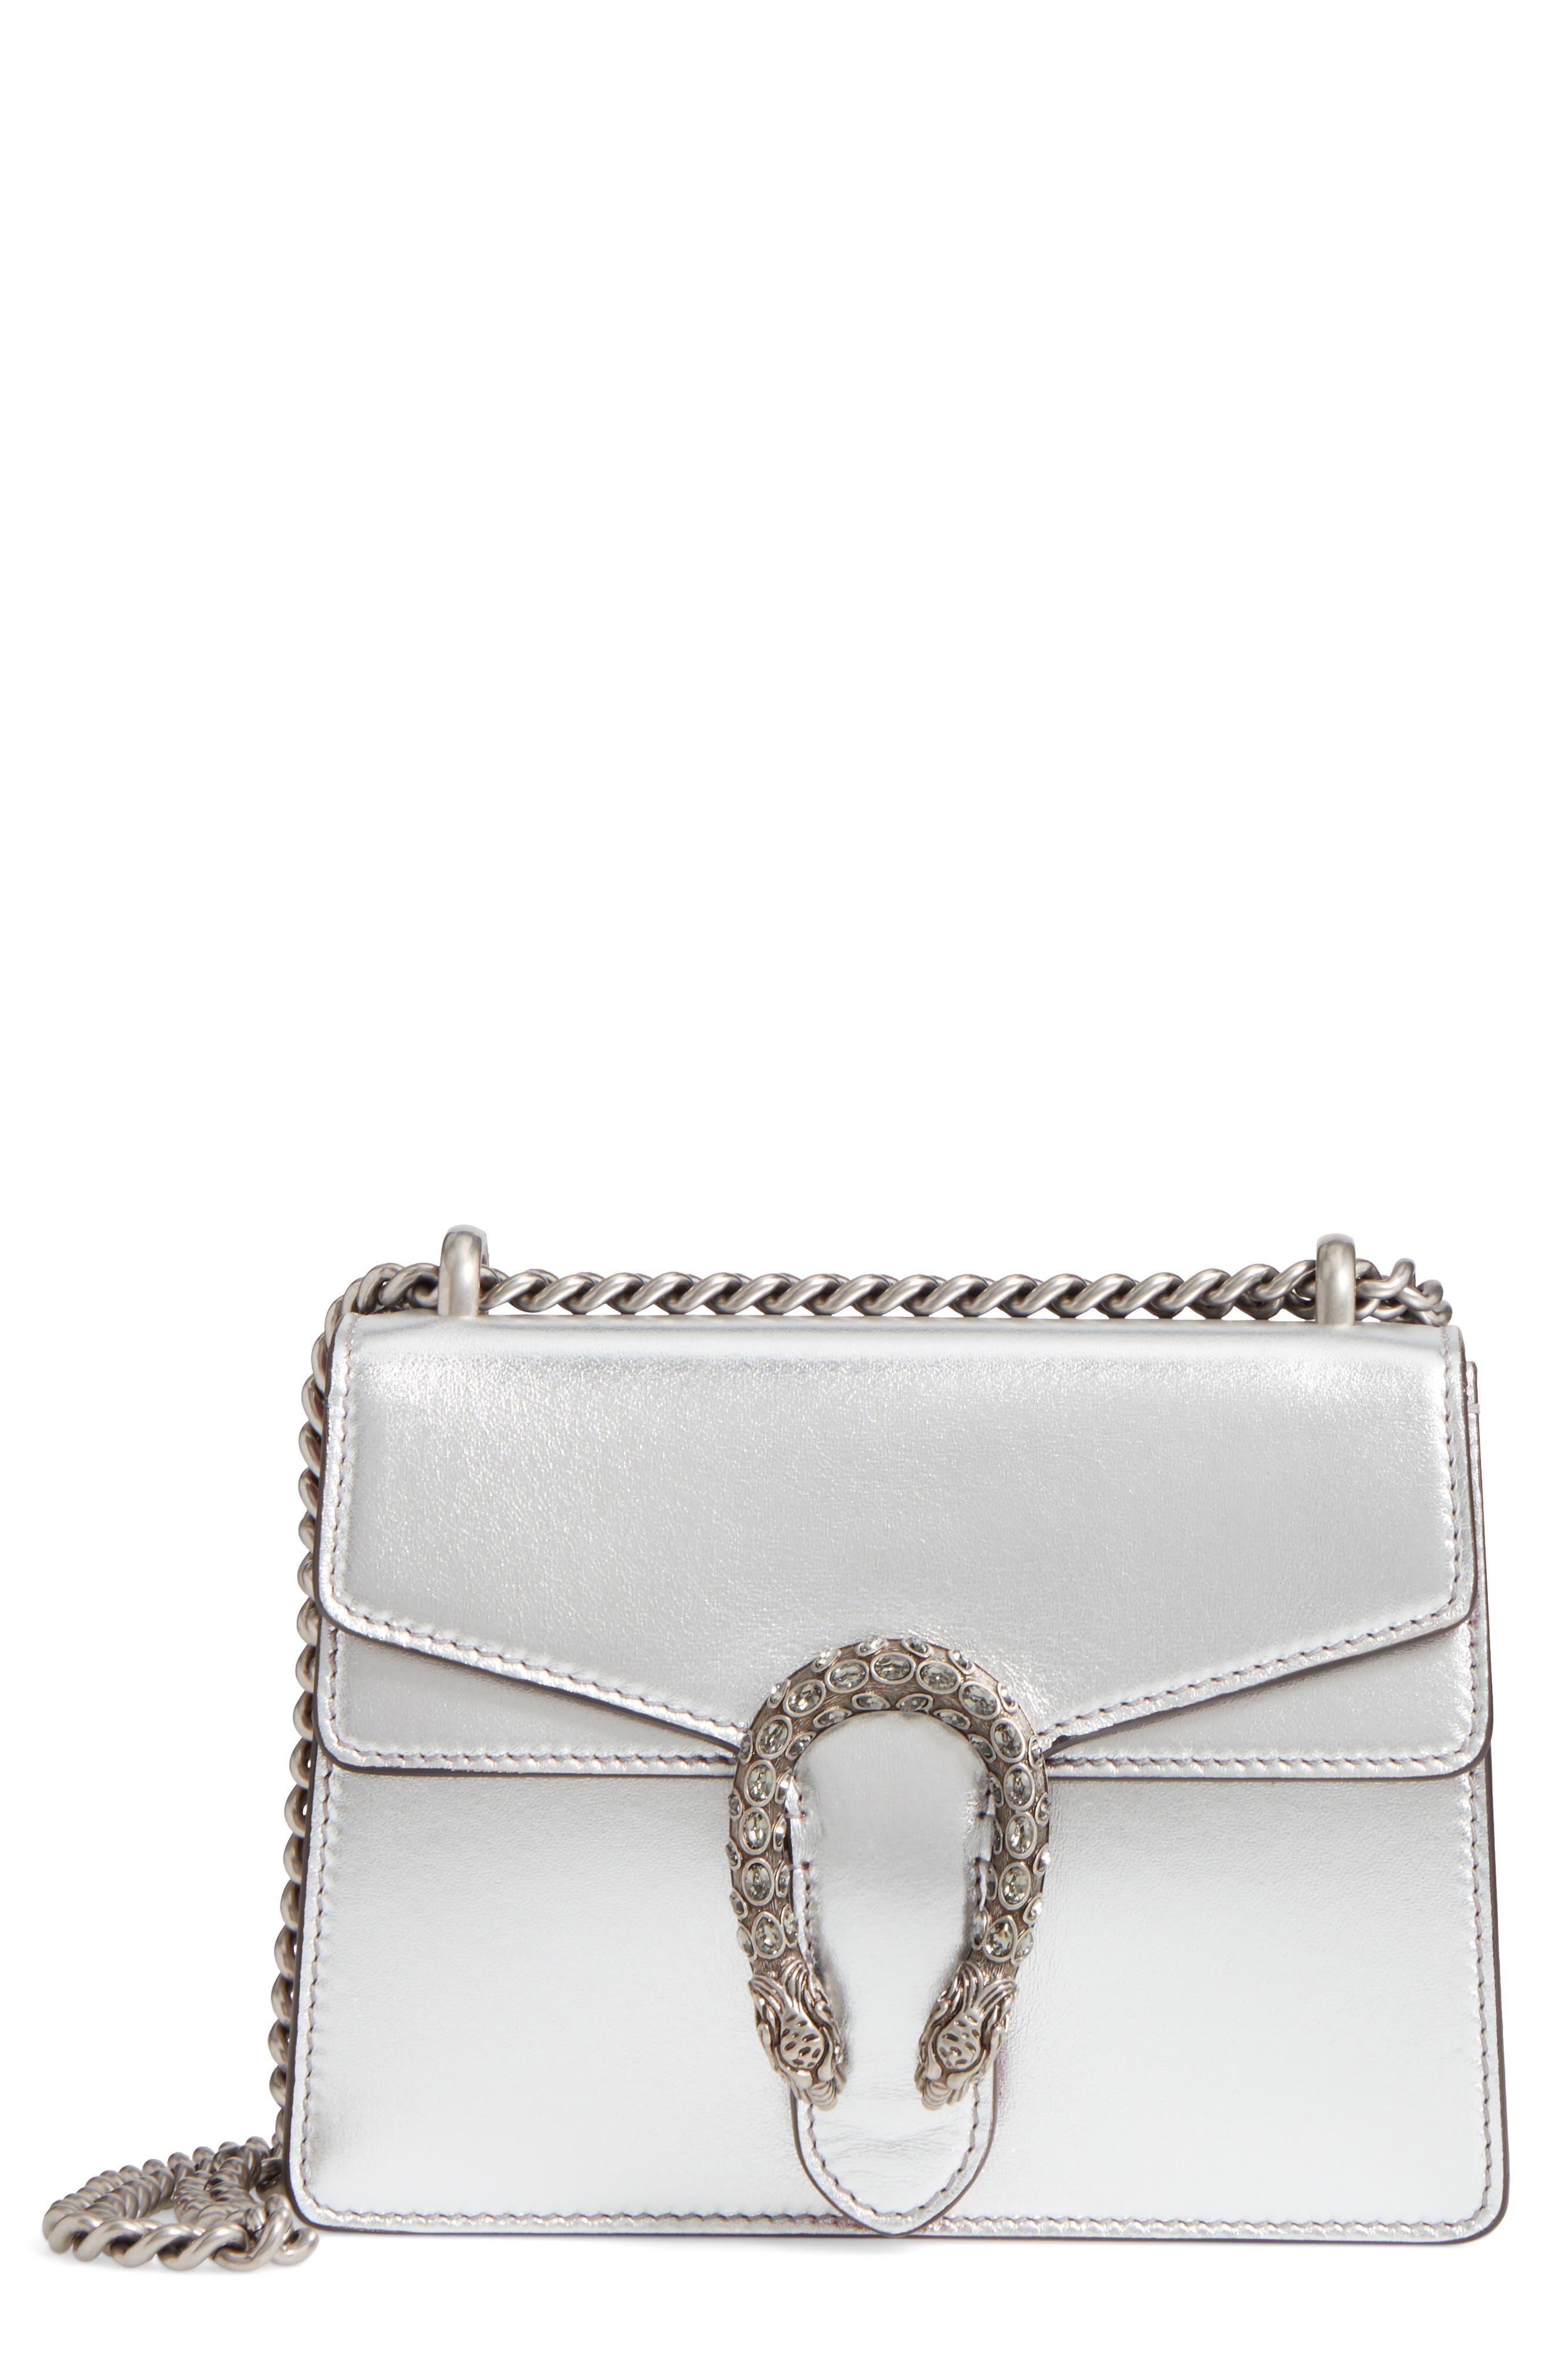 Mini Dionysus Metallic Leather Shoulder Bag,                         Main,                         color, 045